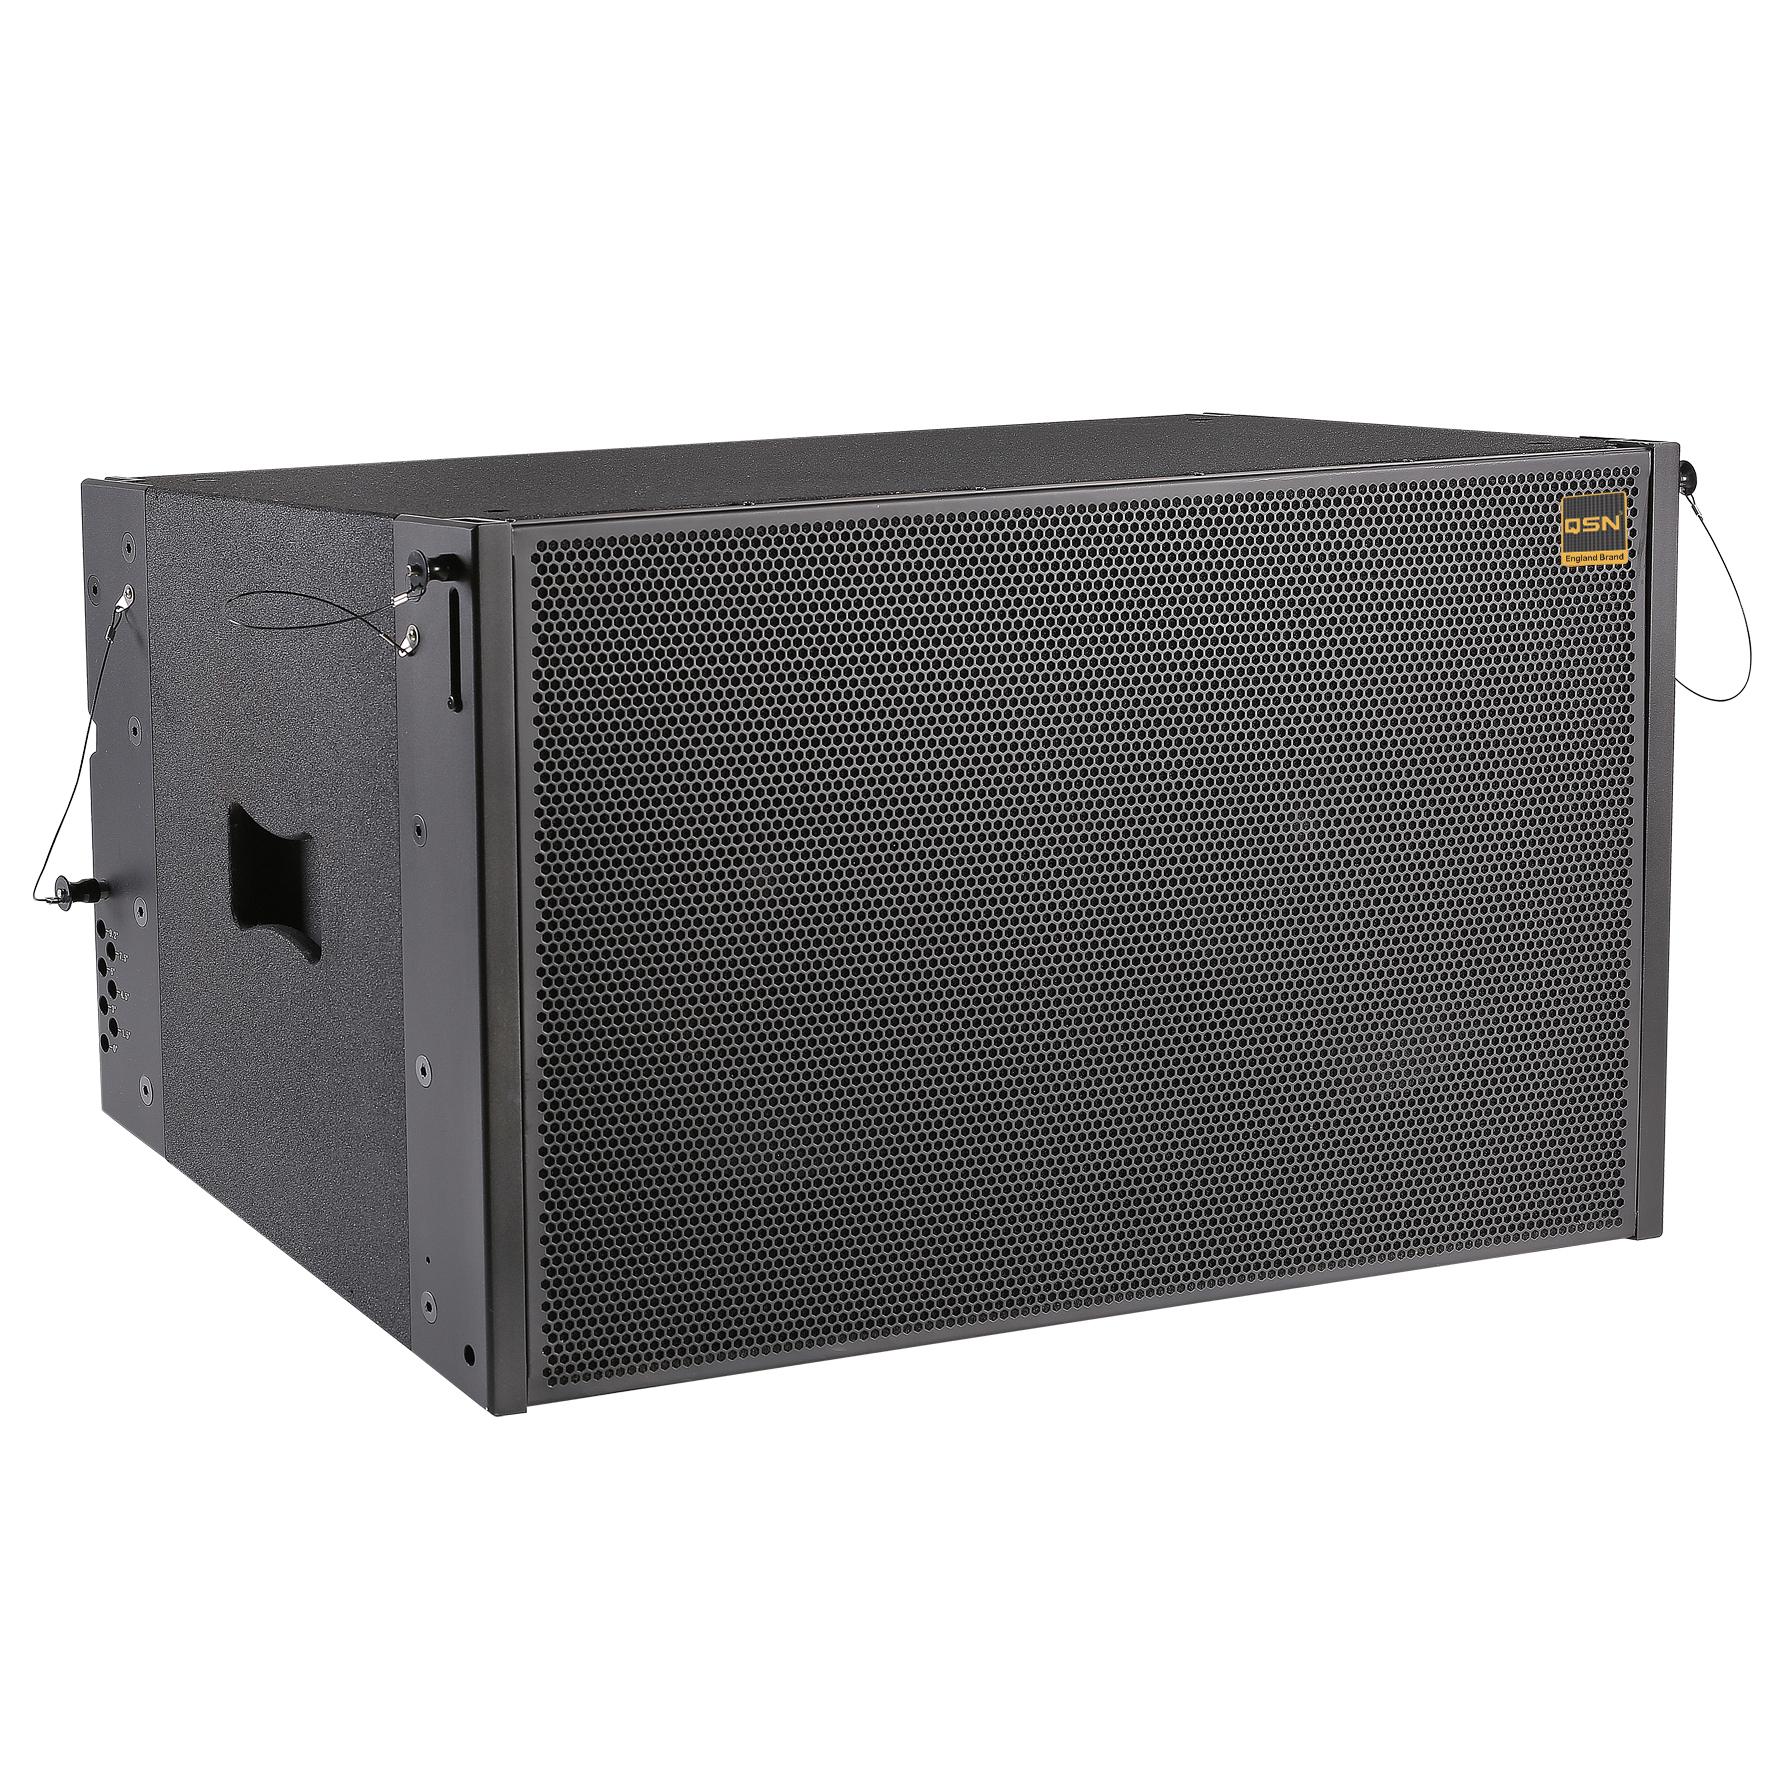 Китайская Фабрика двойной 15 дюймов аудио линейного массива звуковая система pa шоу динамик (C215) <em><strong>Двойной 15 дюймов аудио линейного массива звуковая система</strong></em>